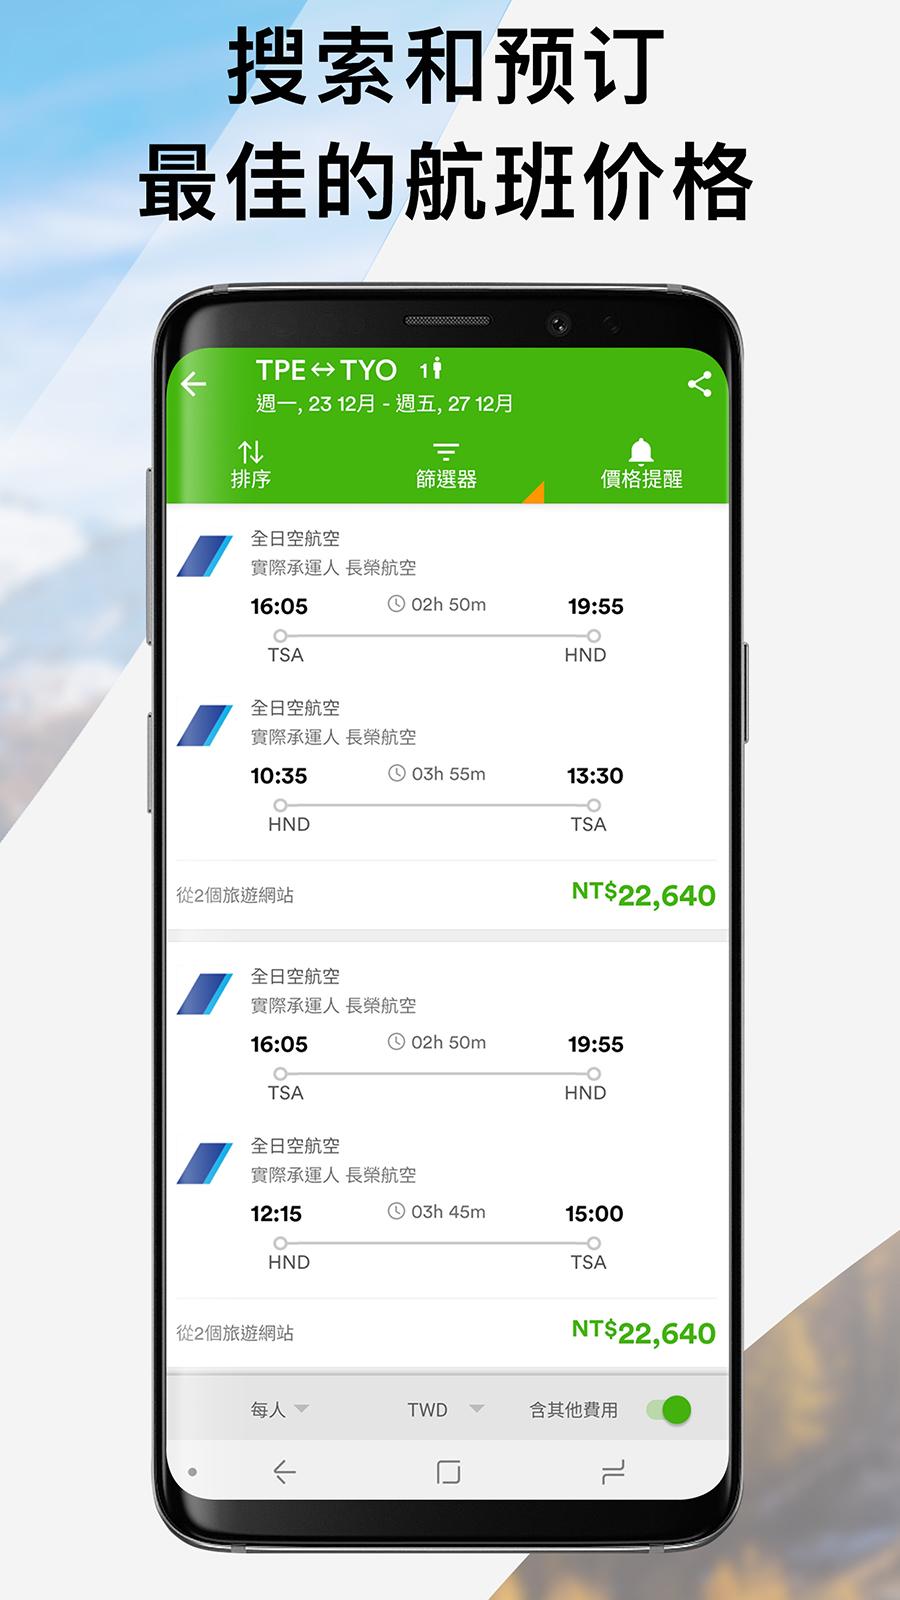 cnbc 中文 版